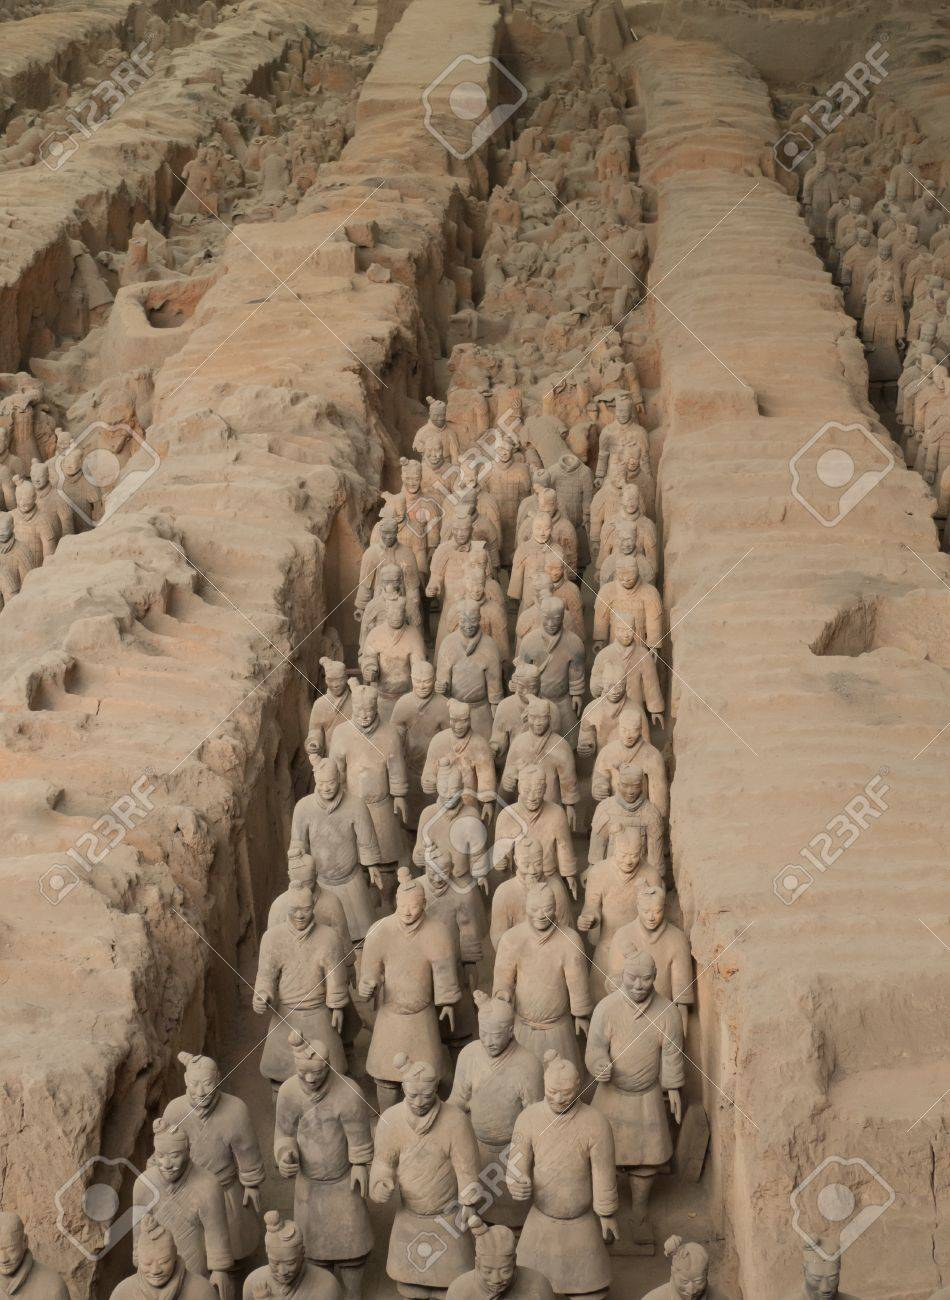 Qin dynasty Terracotta Army, Xi Standard-Bild - 17007367